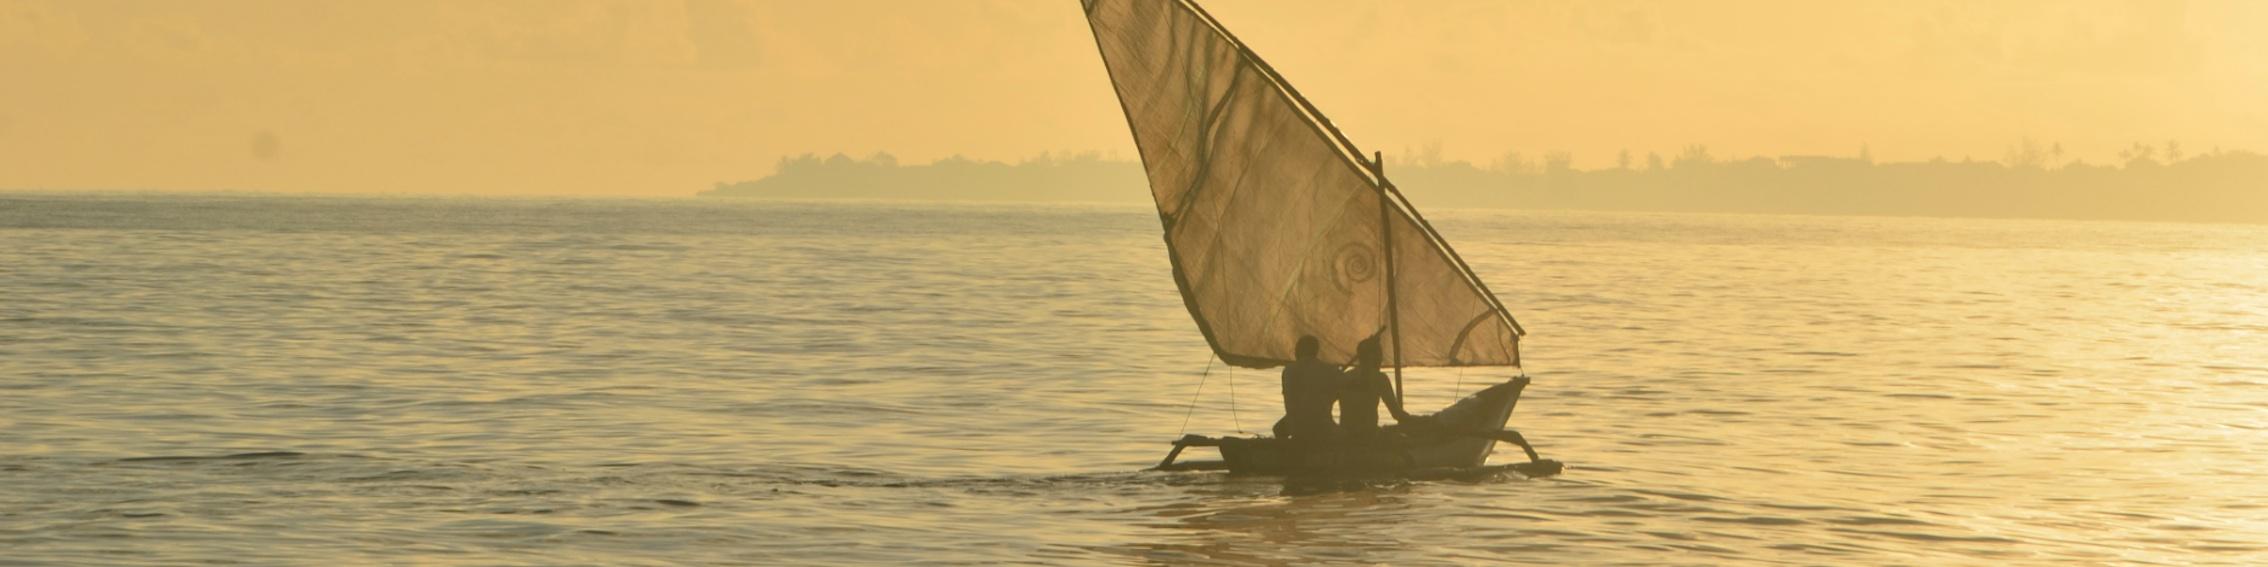 Boat_Long